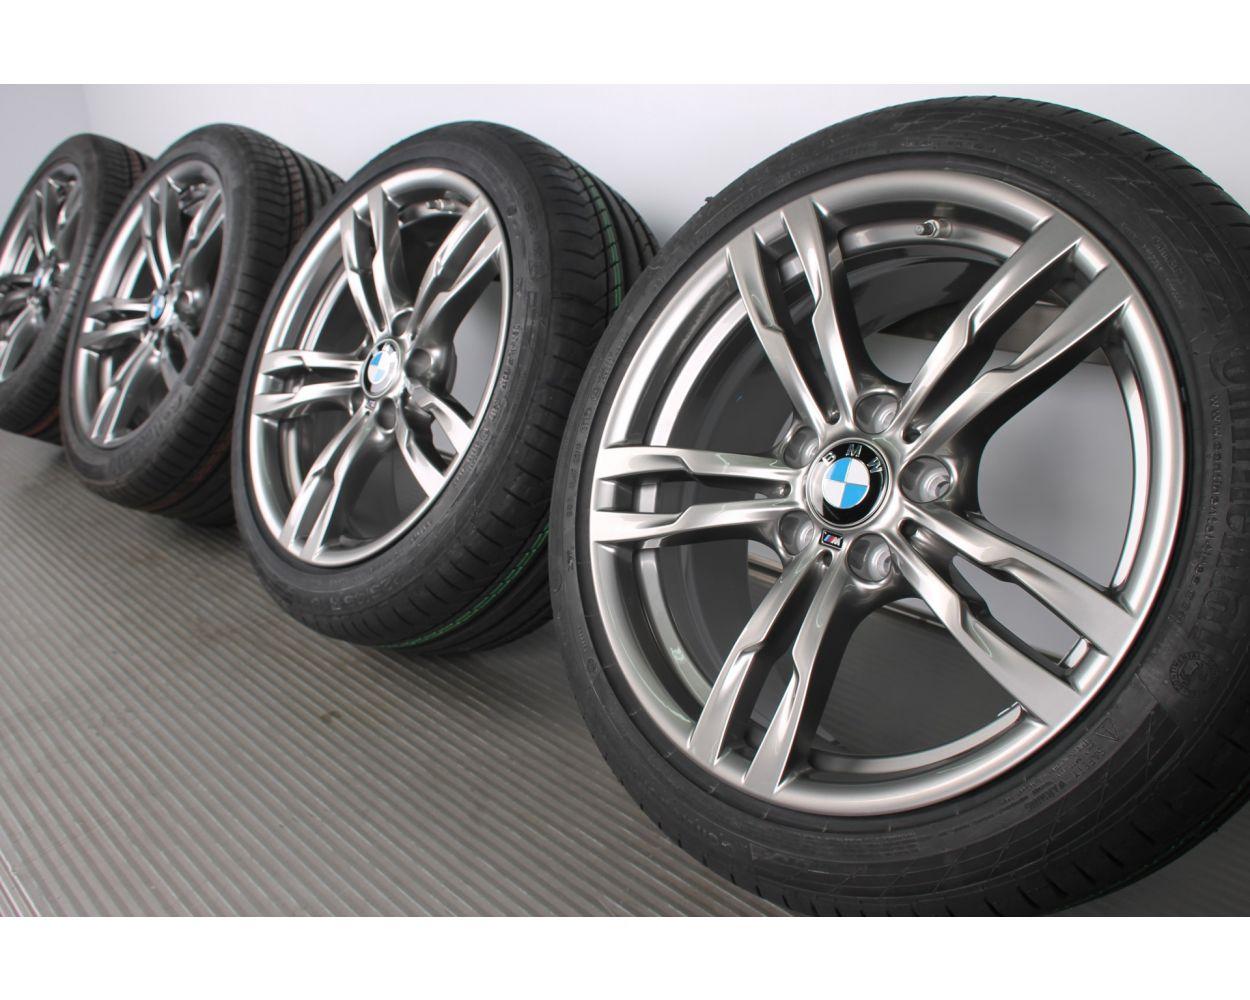 Bmw Summer Wheels 3er F30 F31 4er F32 F33 F36 18 Zoll 441m Double Spoke Ferricgrey